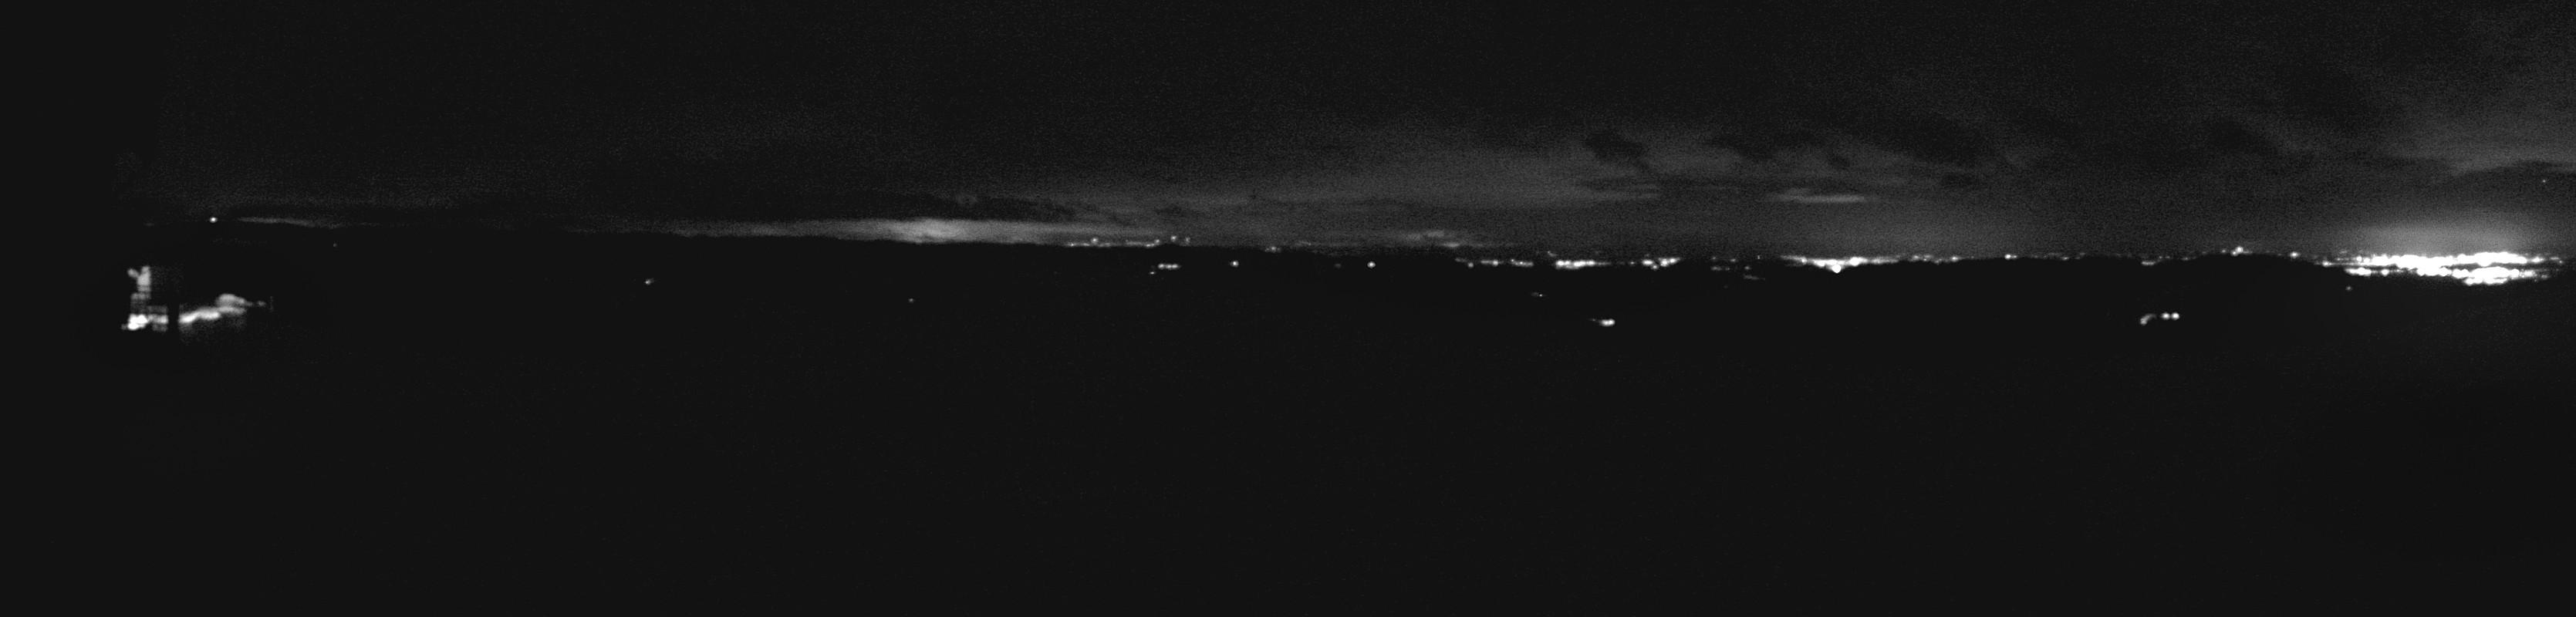 17h ago - 06:03